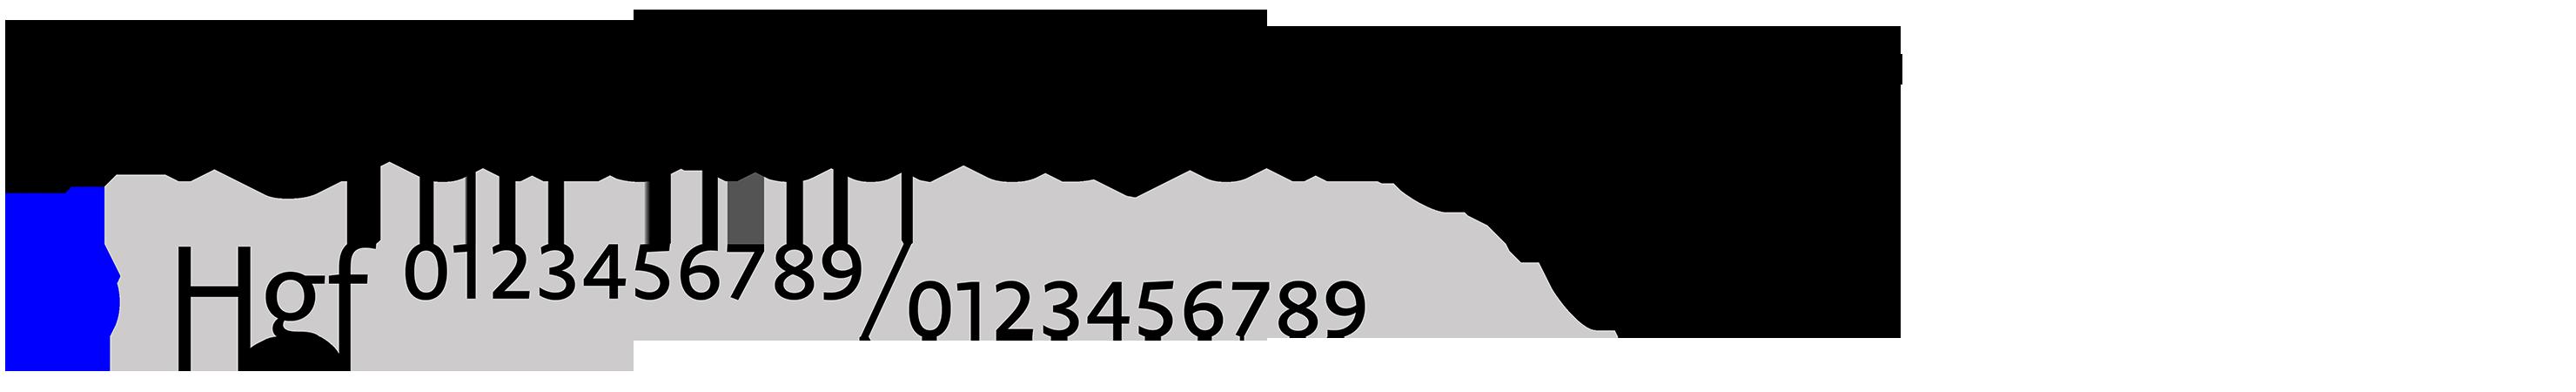 Typeface-Novel-Sans-F18-Atlas-Font-Foundry